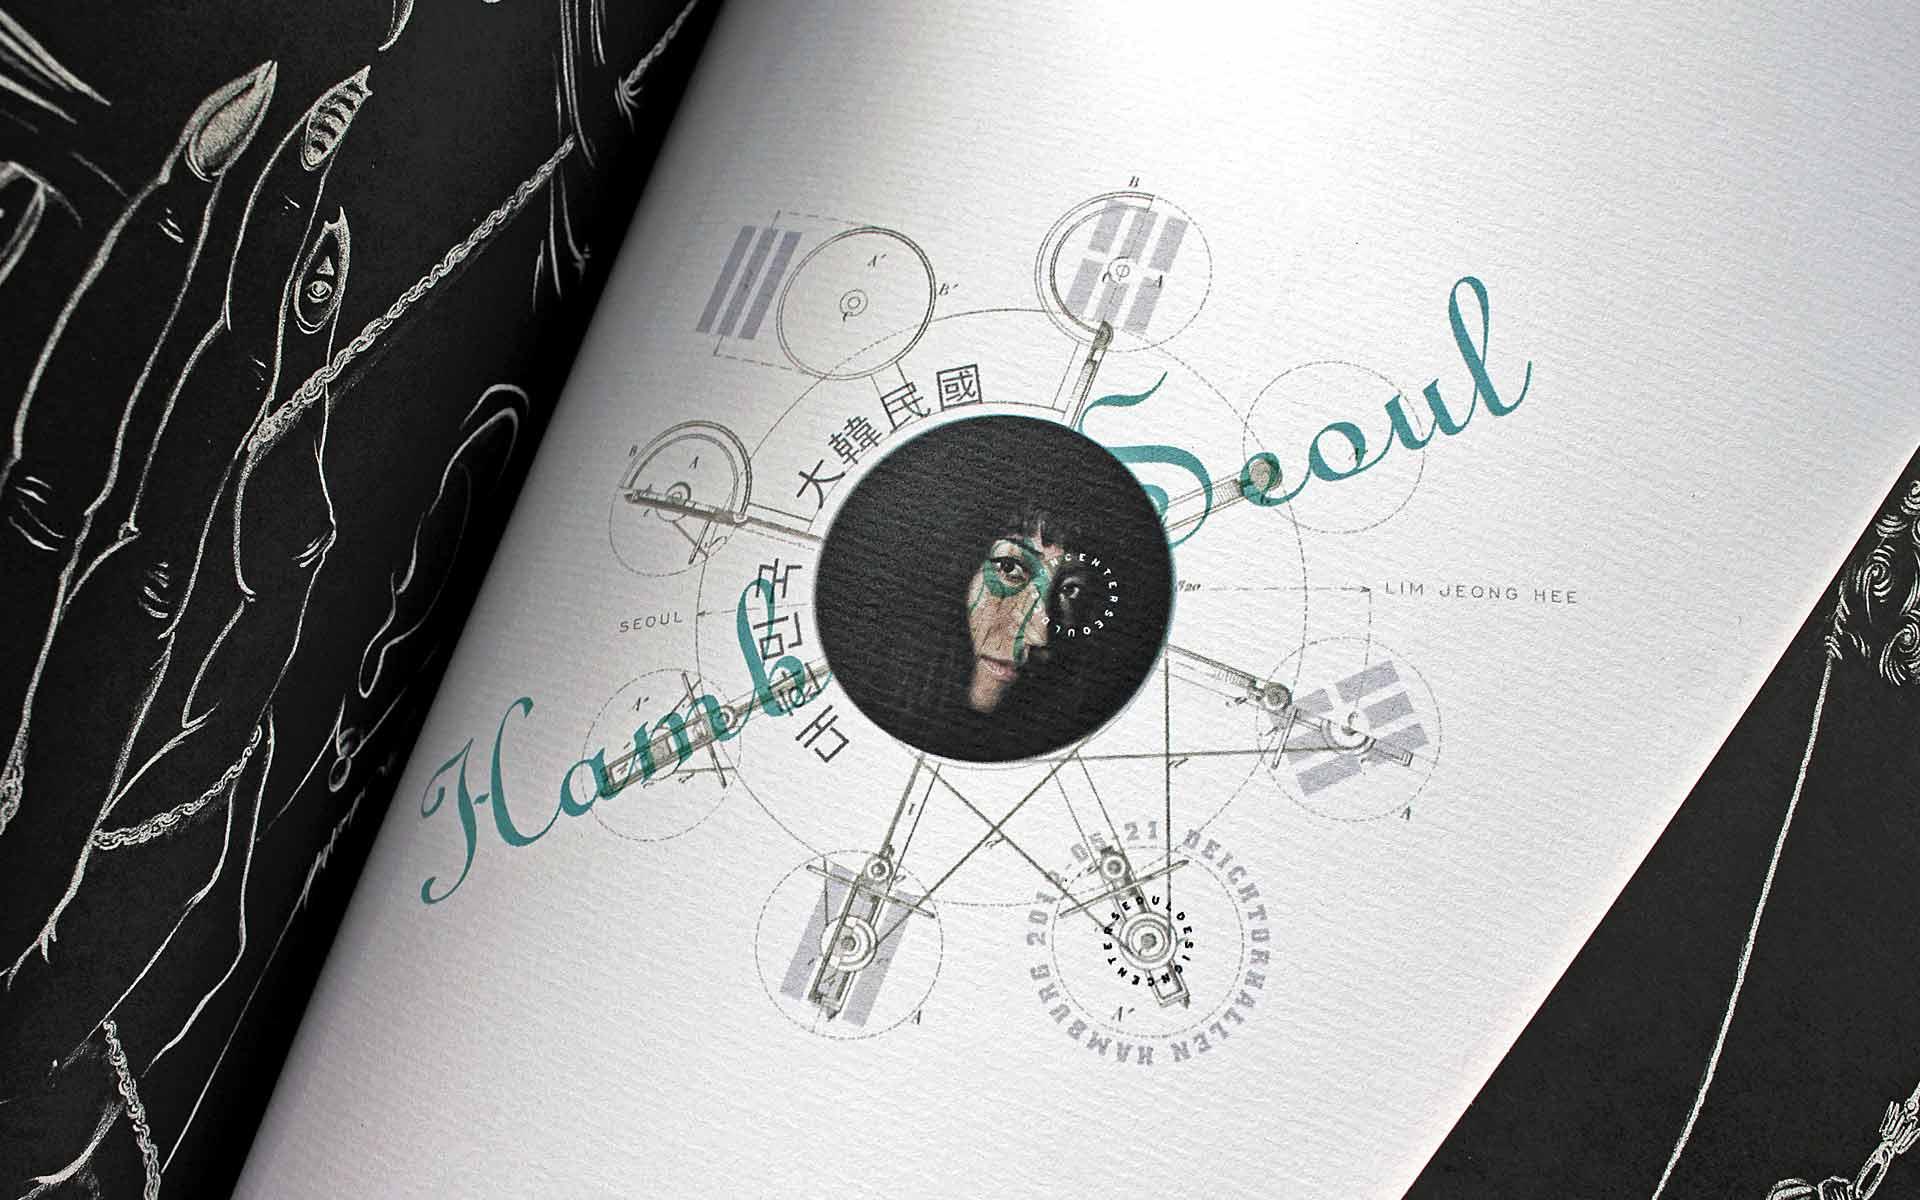 Illustrationen und Gestaltung einer Einladungskarte für das Korea Institute of Design, Seoul. Design: Wolfgang Beinert, Berlin.